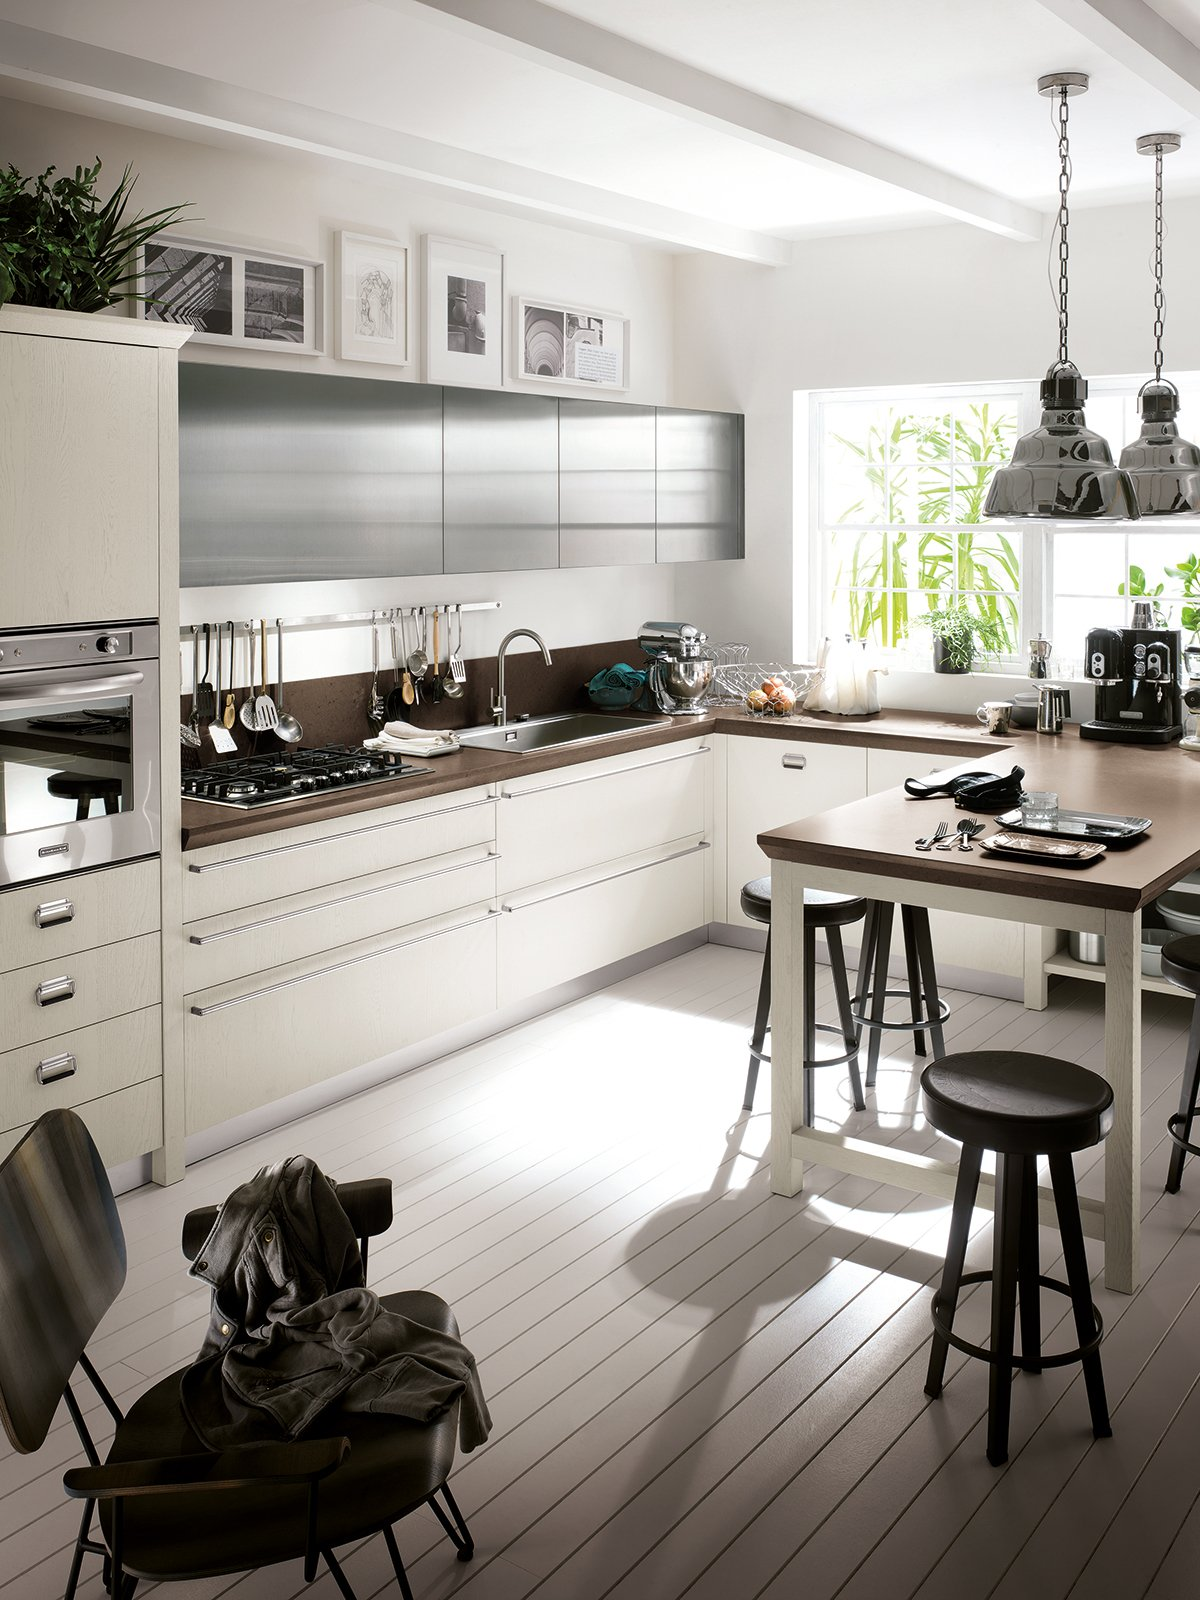 Nuove cucine con maniglia protagonista cose di casa for Case con grandi cucine in vendita